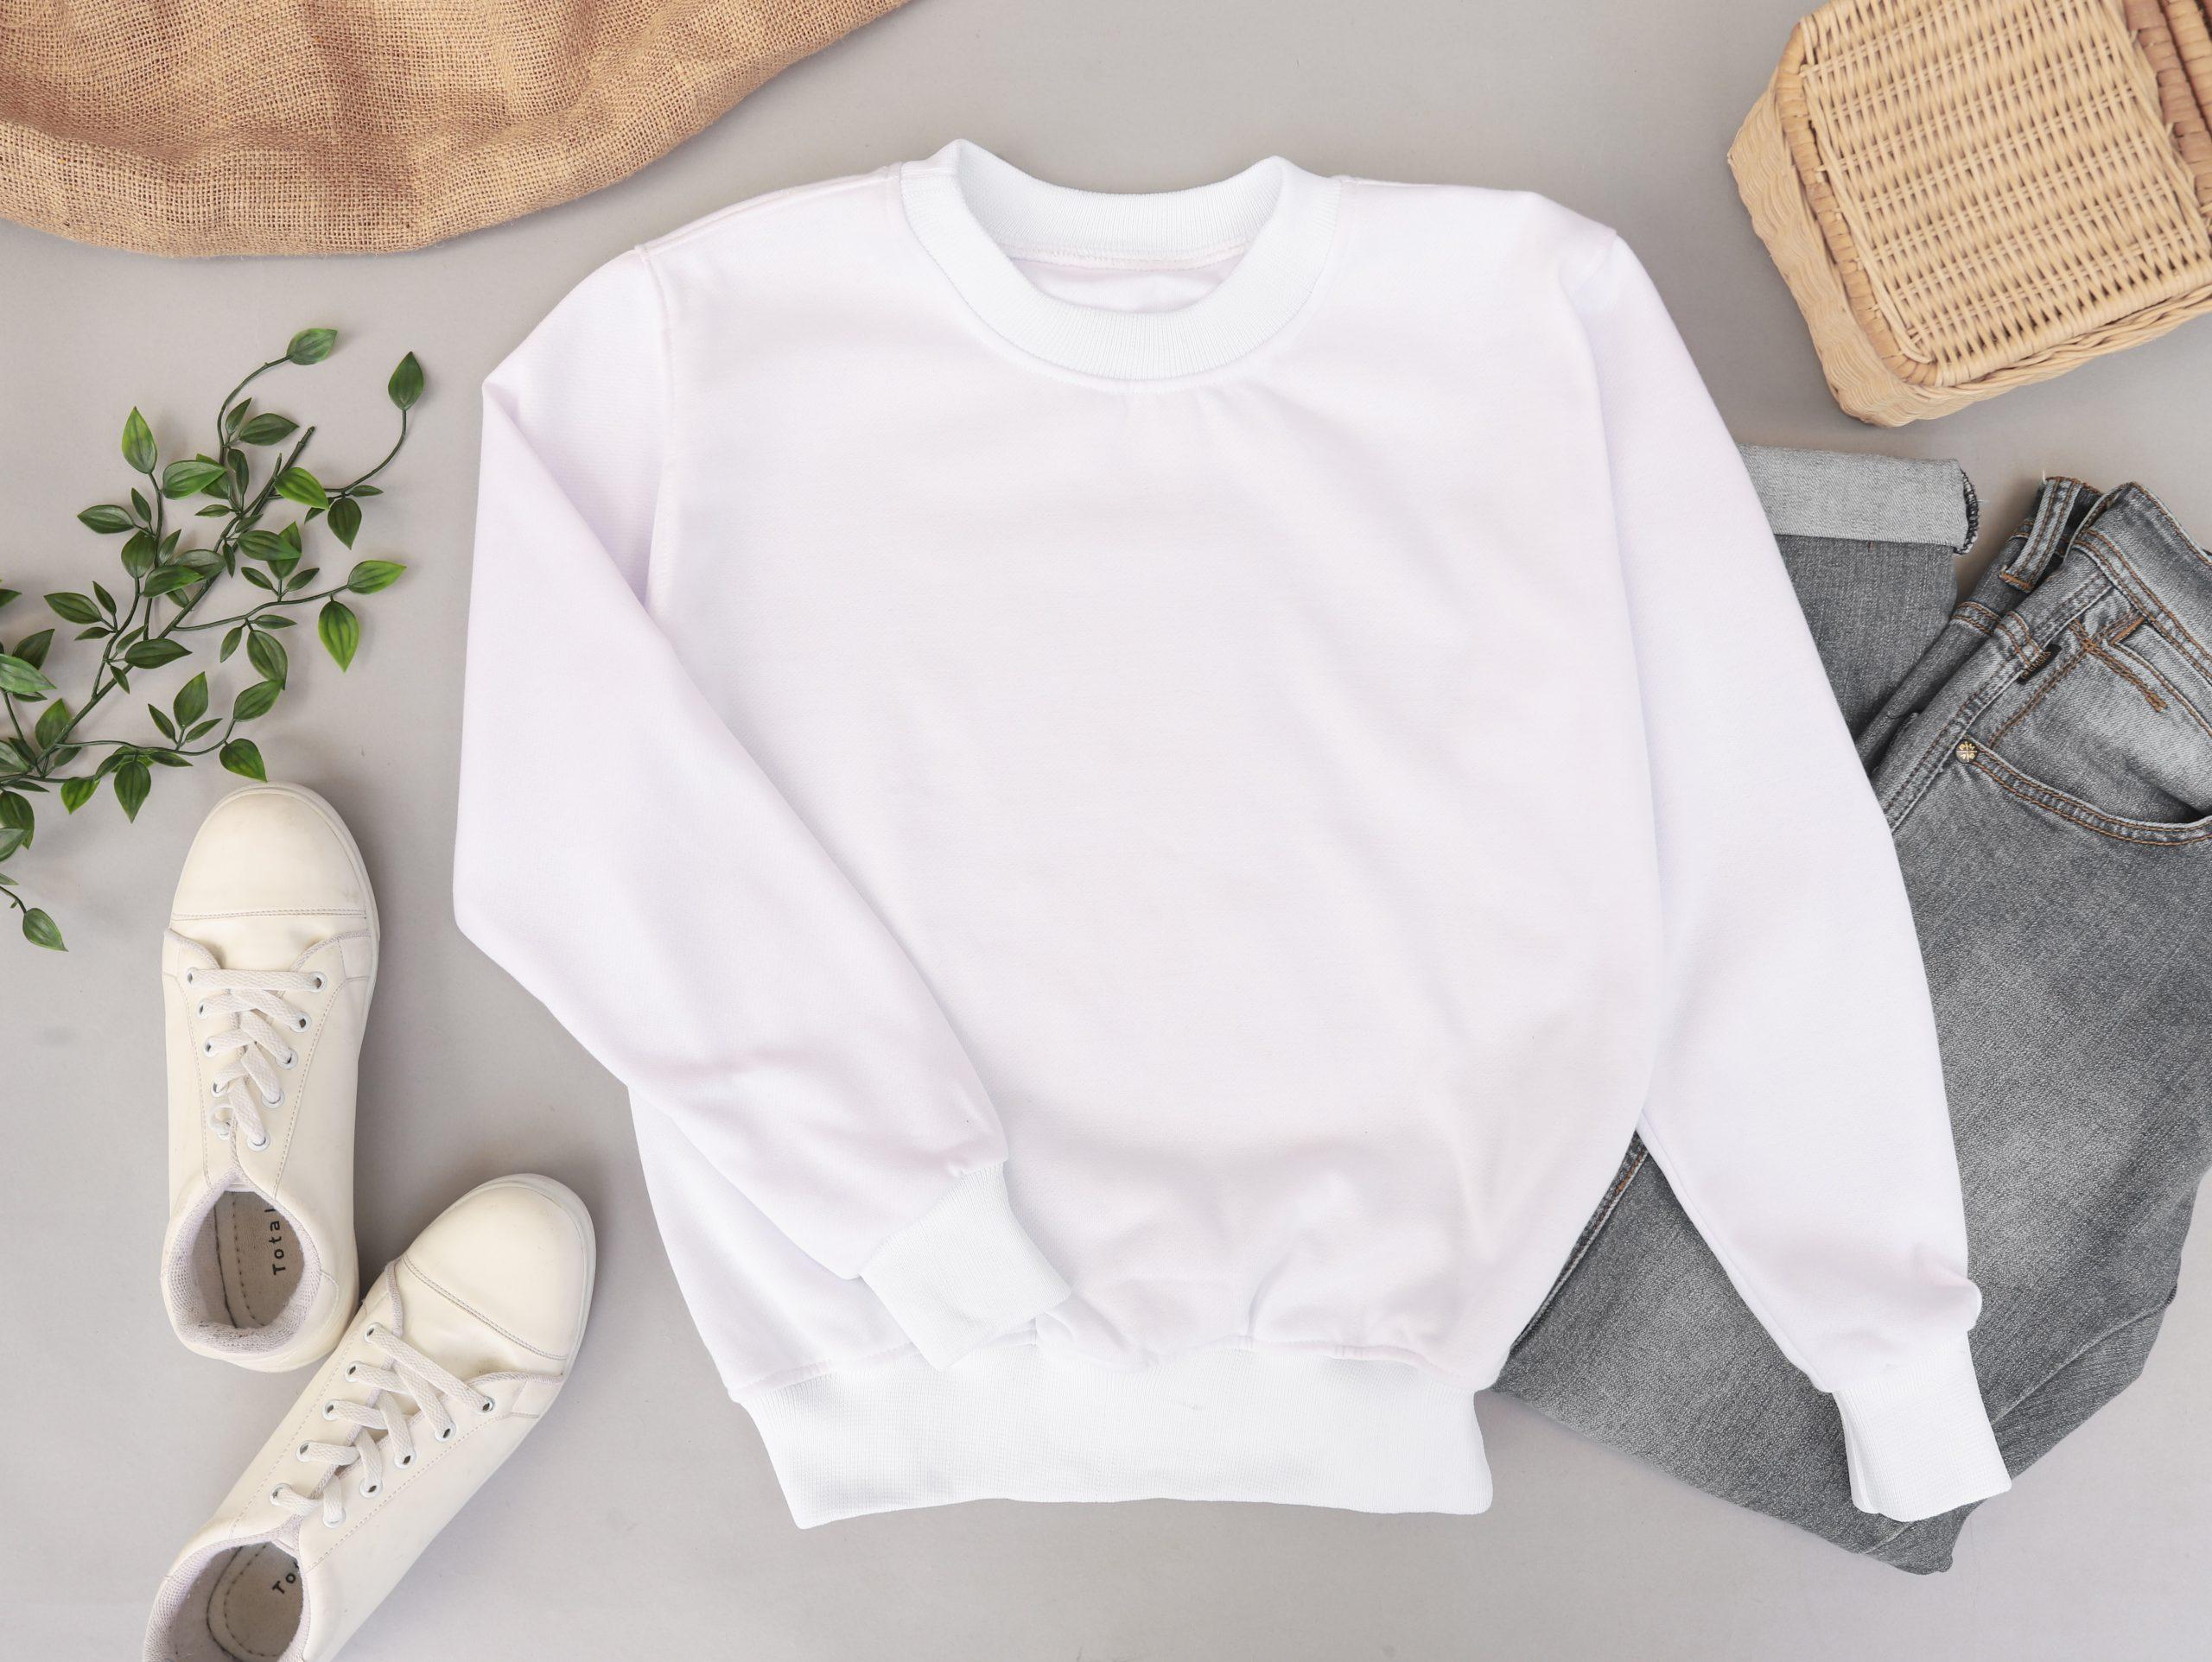 Jak zachować piękno białych i czarnych ubrań? Poznaj sprawdzone triki!